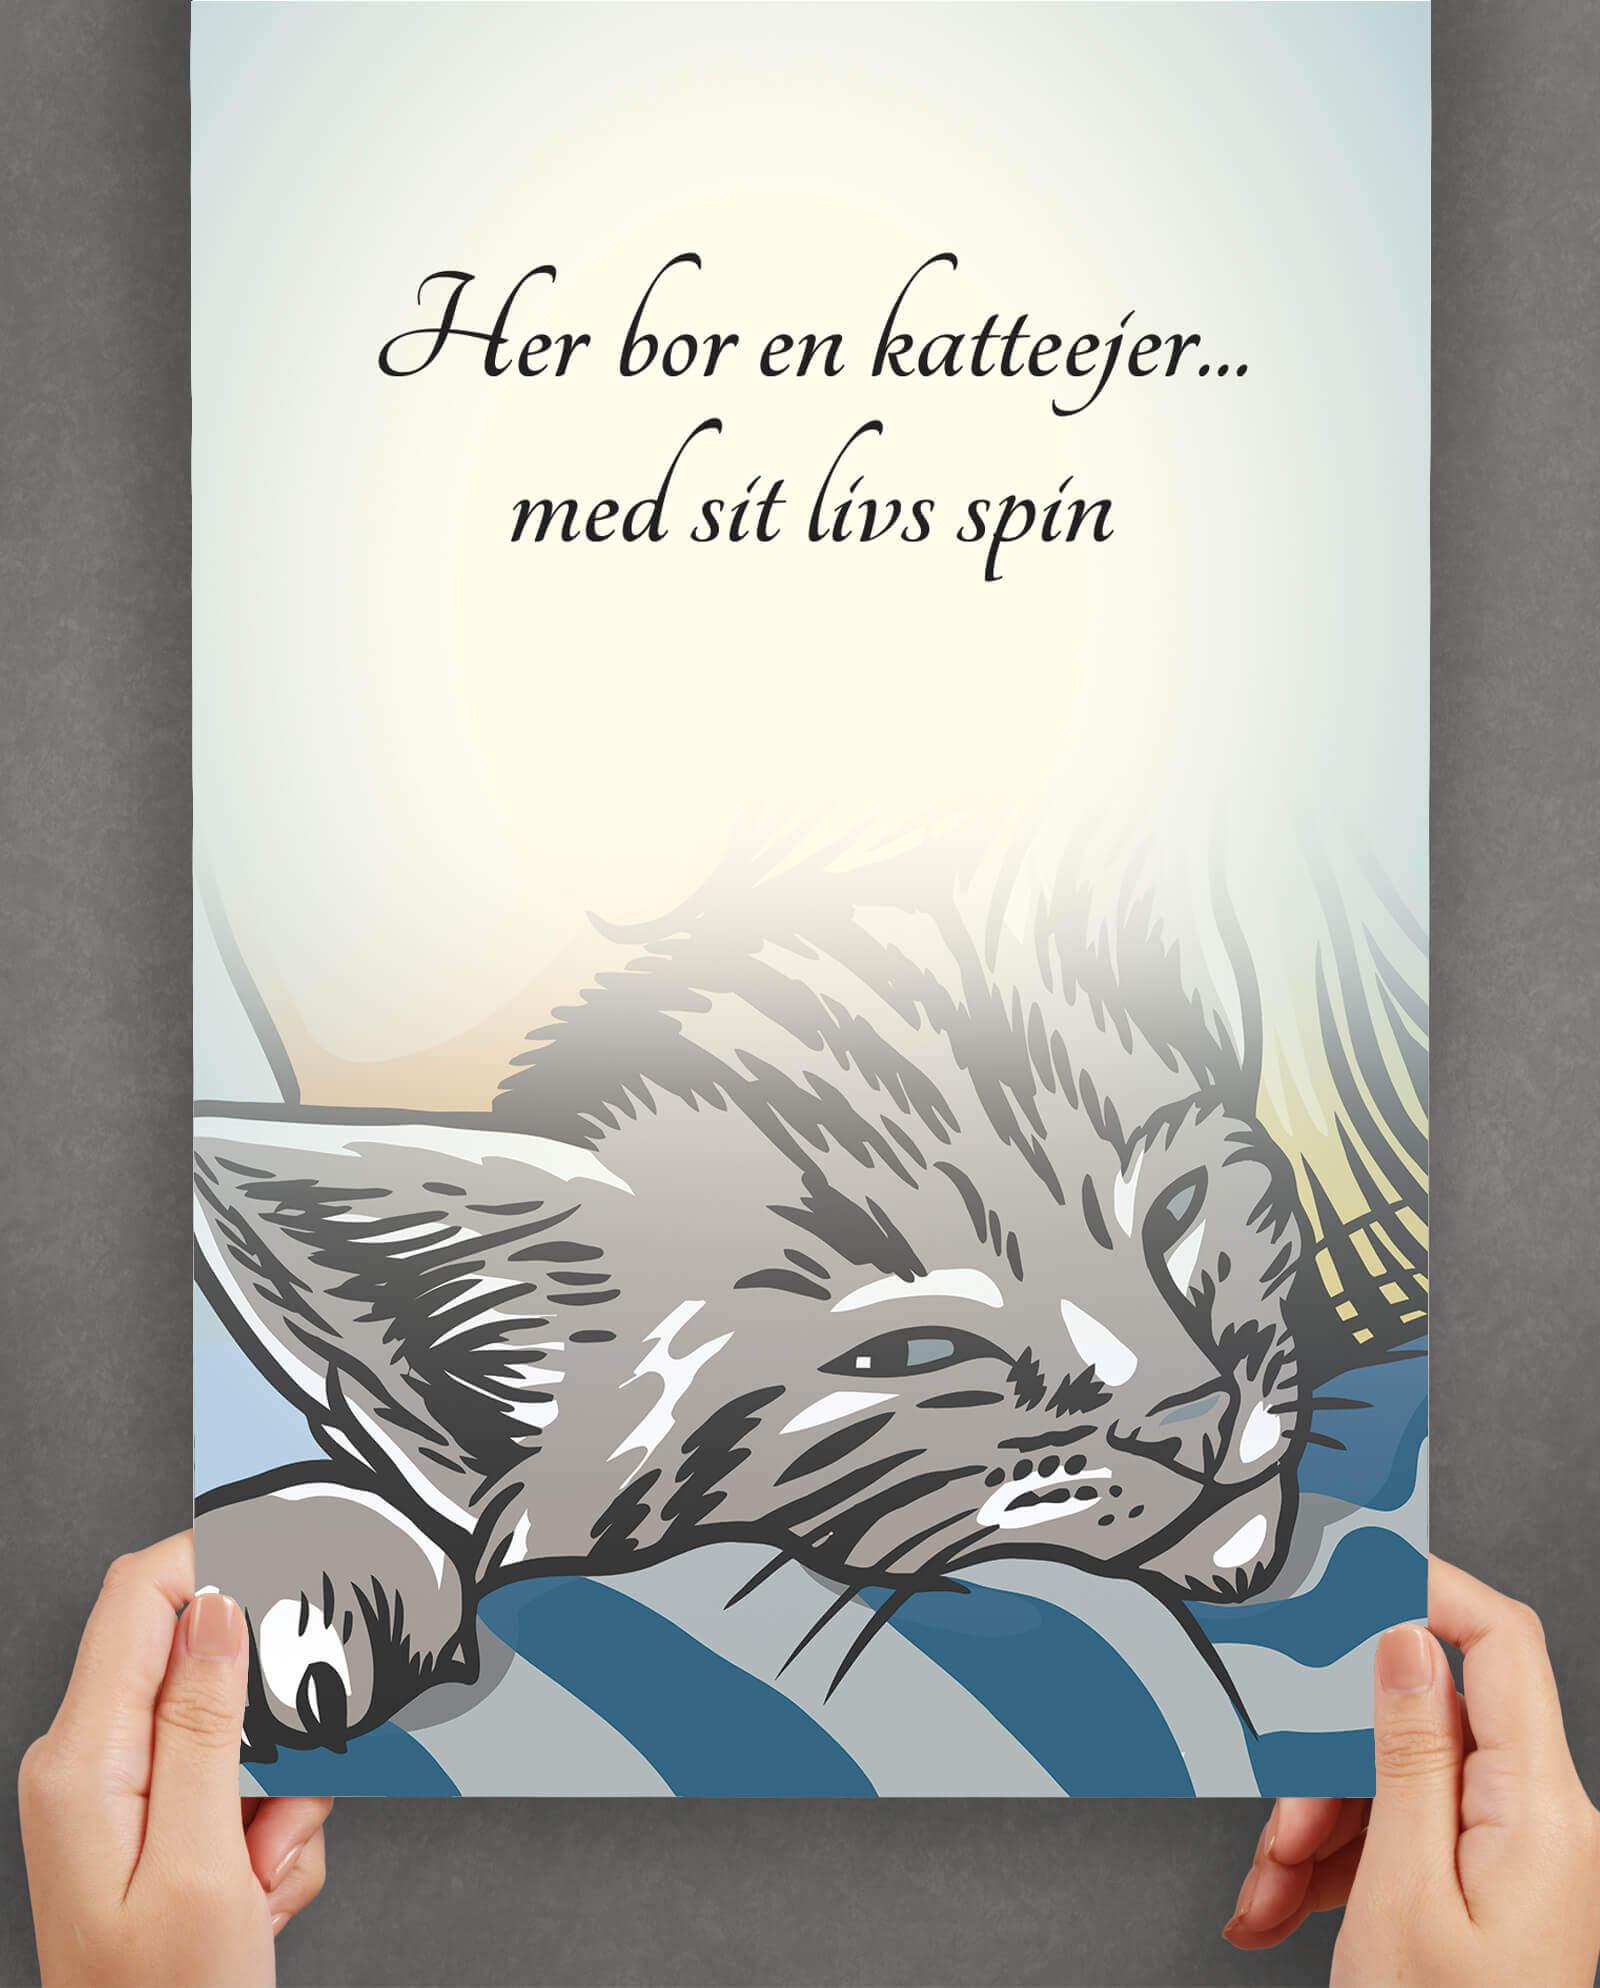 her-bor-en-katteejer-plakat